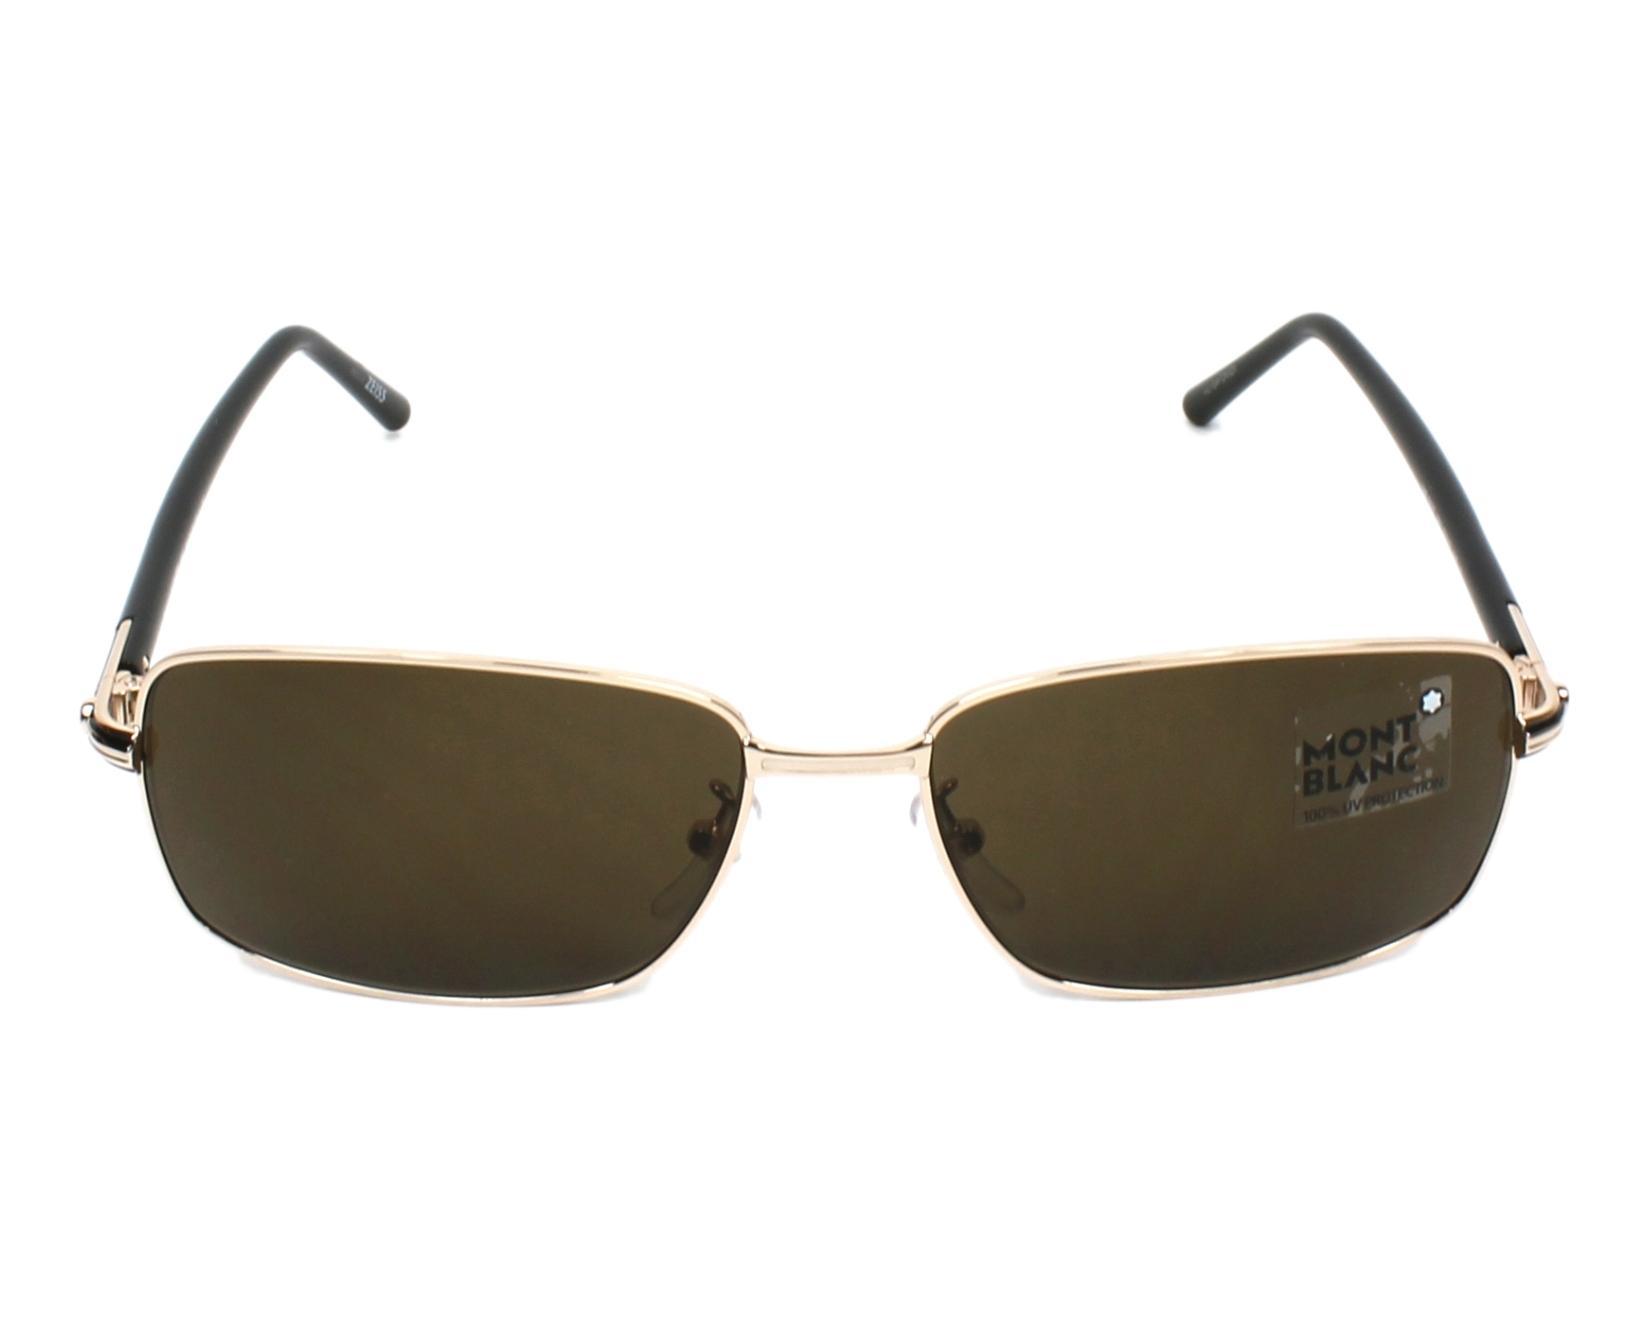 Montblanc Sonnenbrille MB503T 28J 62 i5e7aw1I06